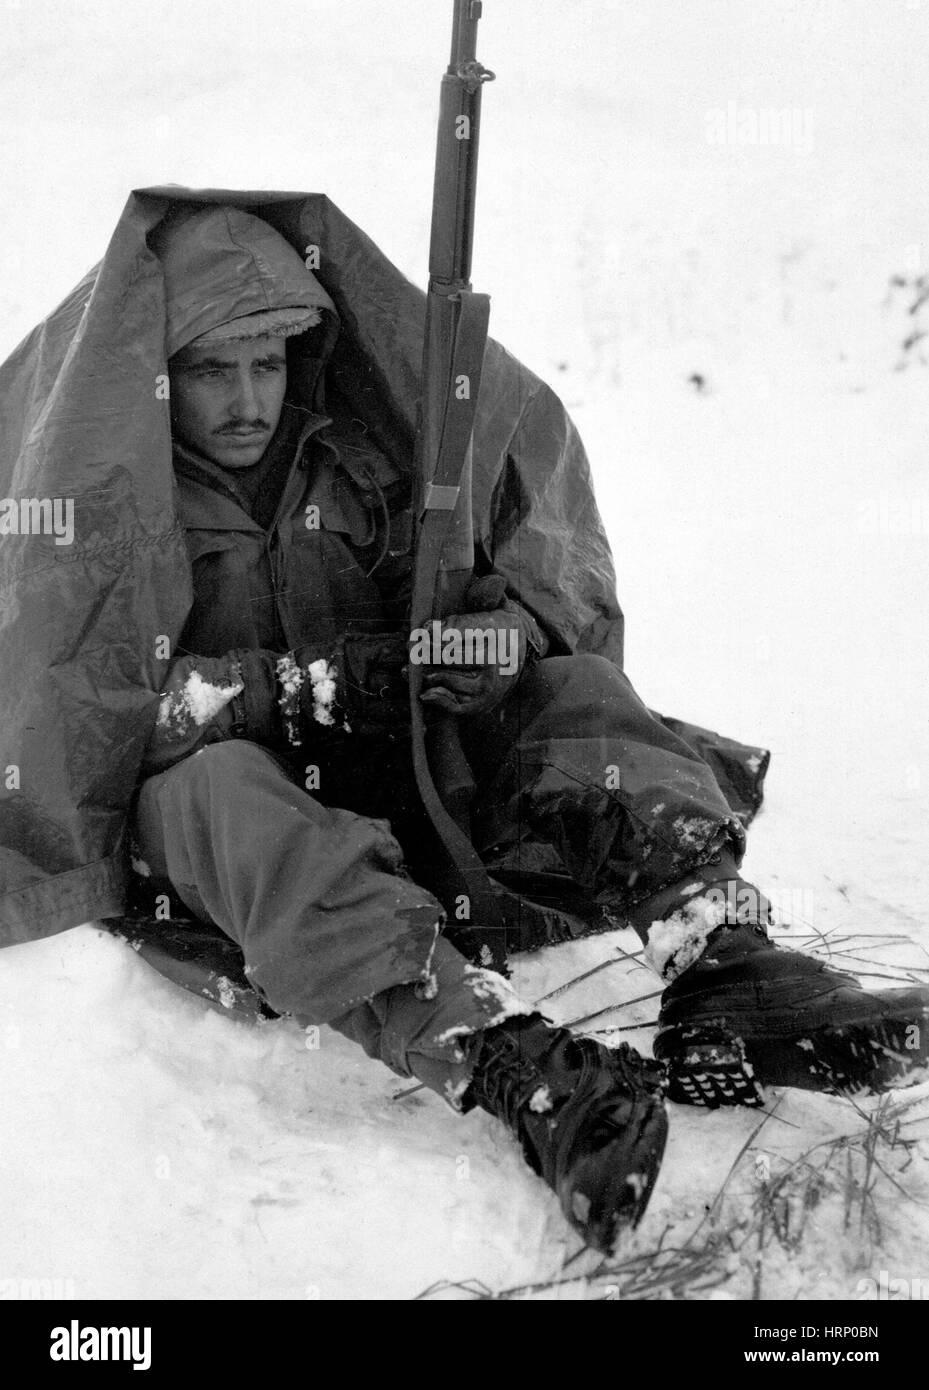 Guerra de Corea, luchando contra el frío, 1951 Foto de stock